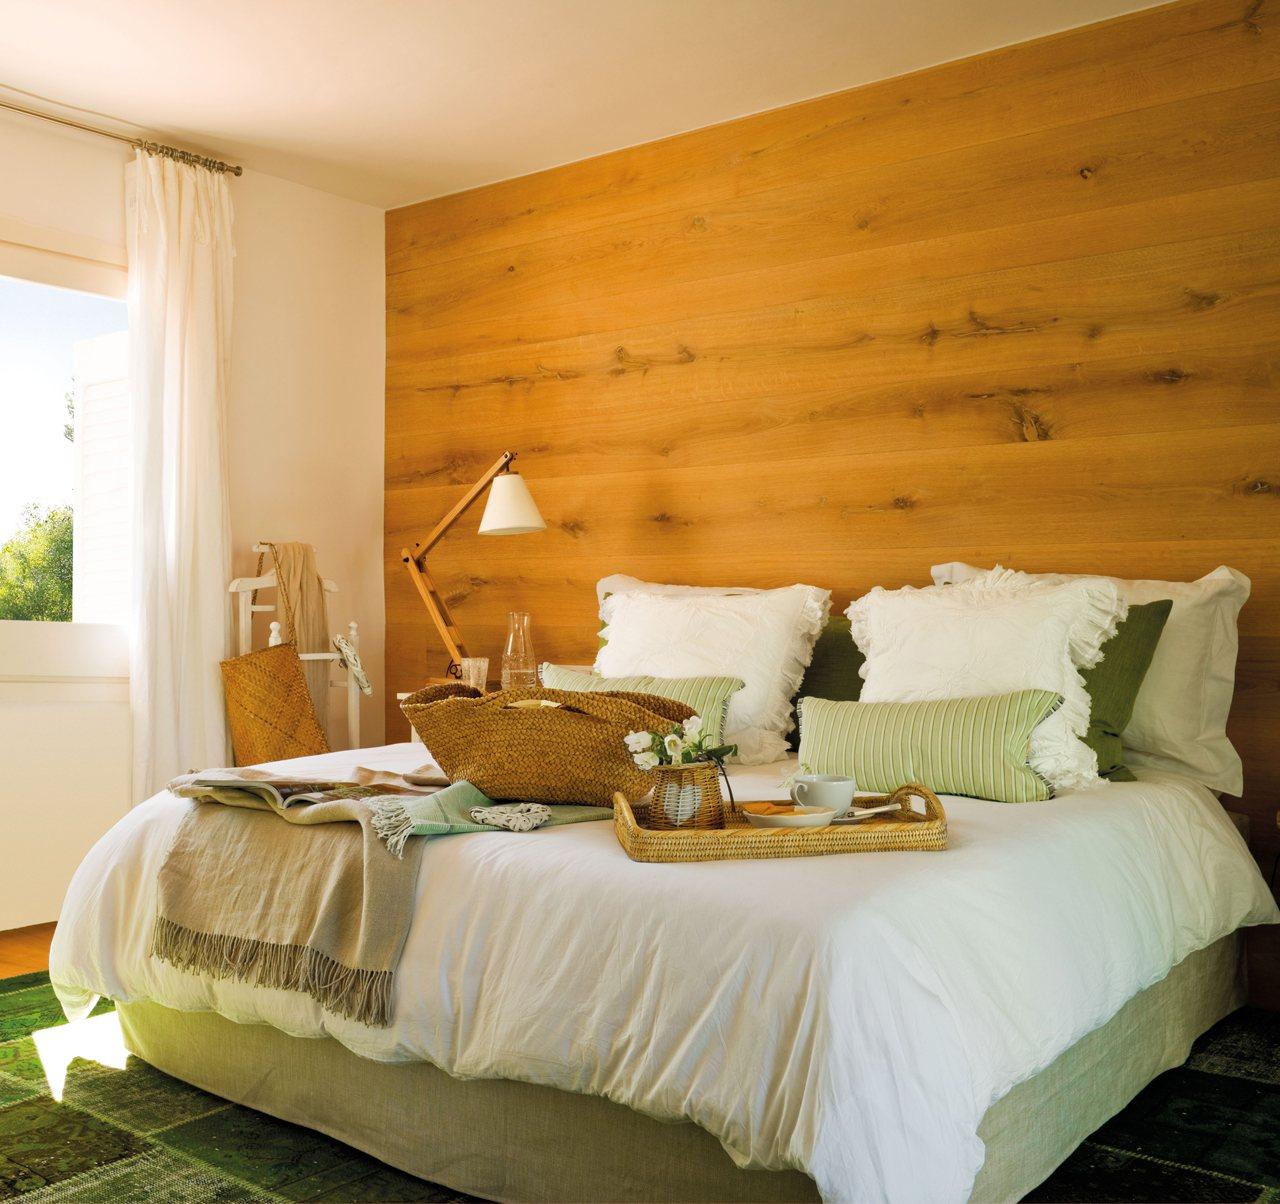 Decora tus paredes - Decoracion de paredes de dormitorios ...